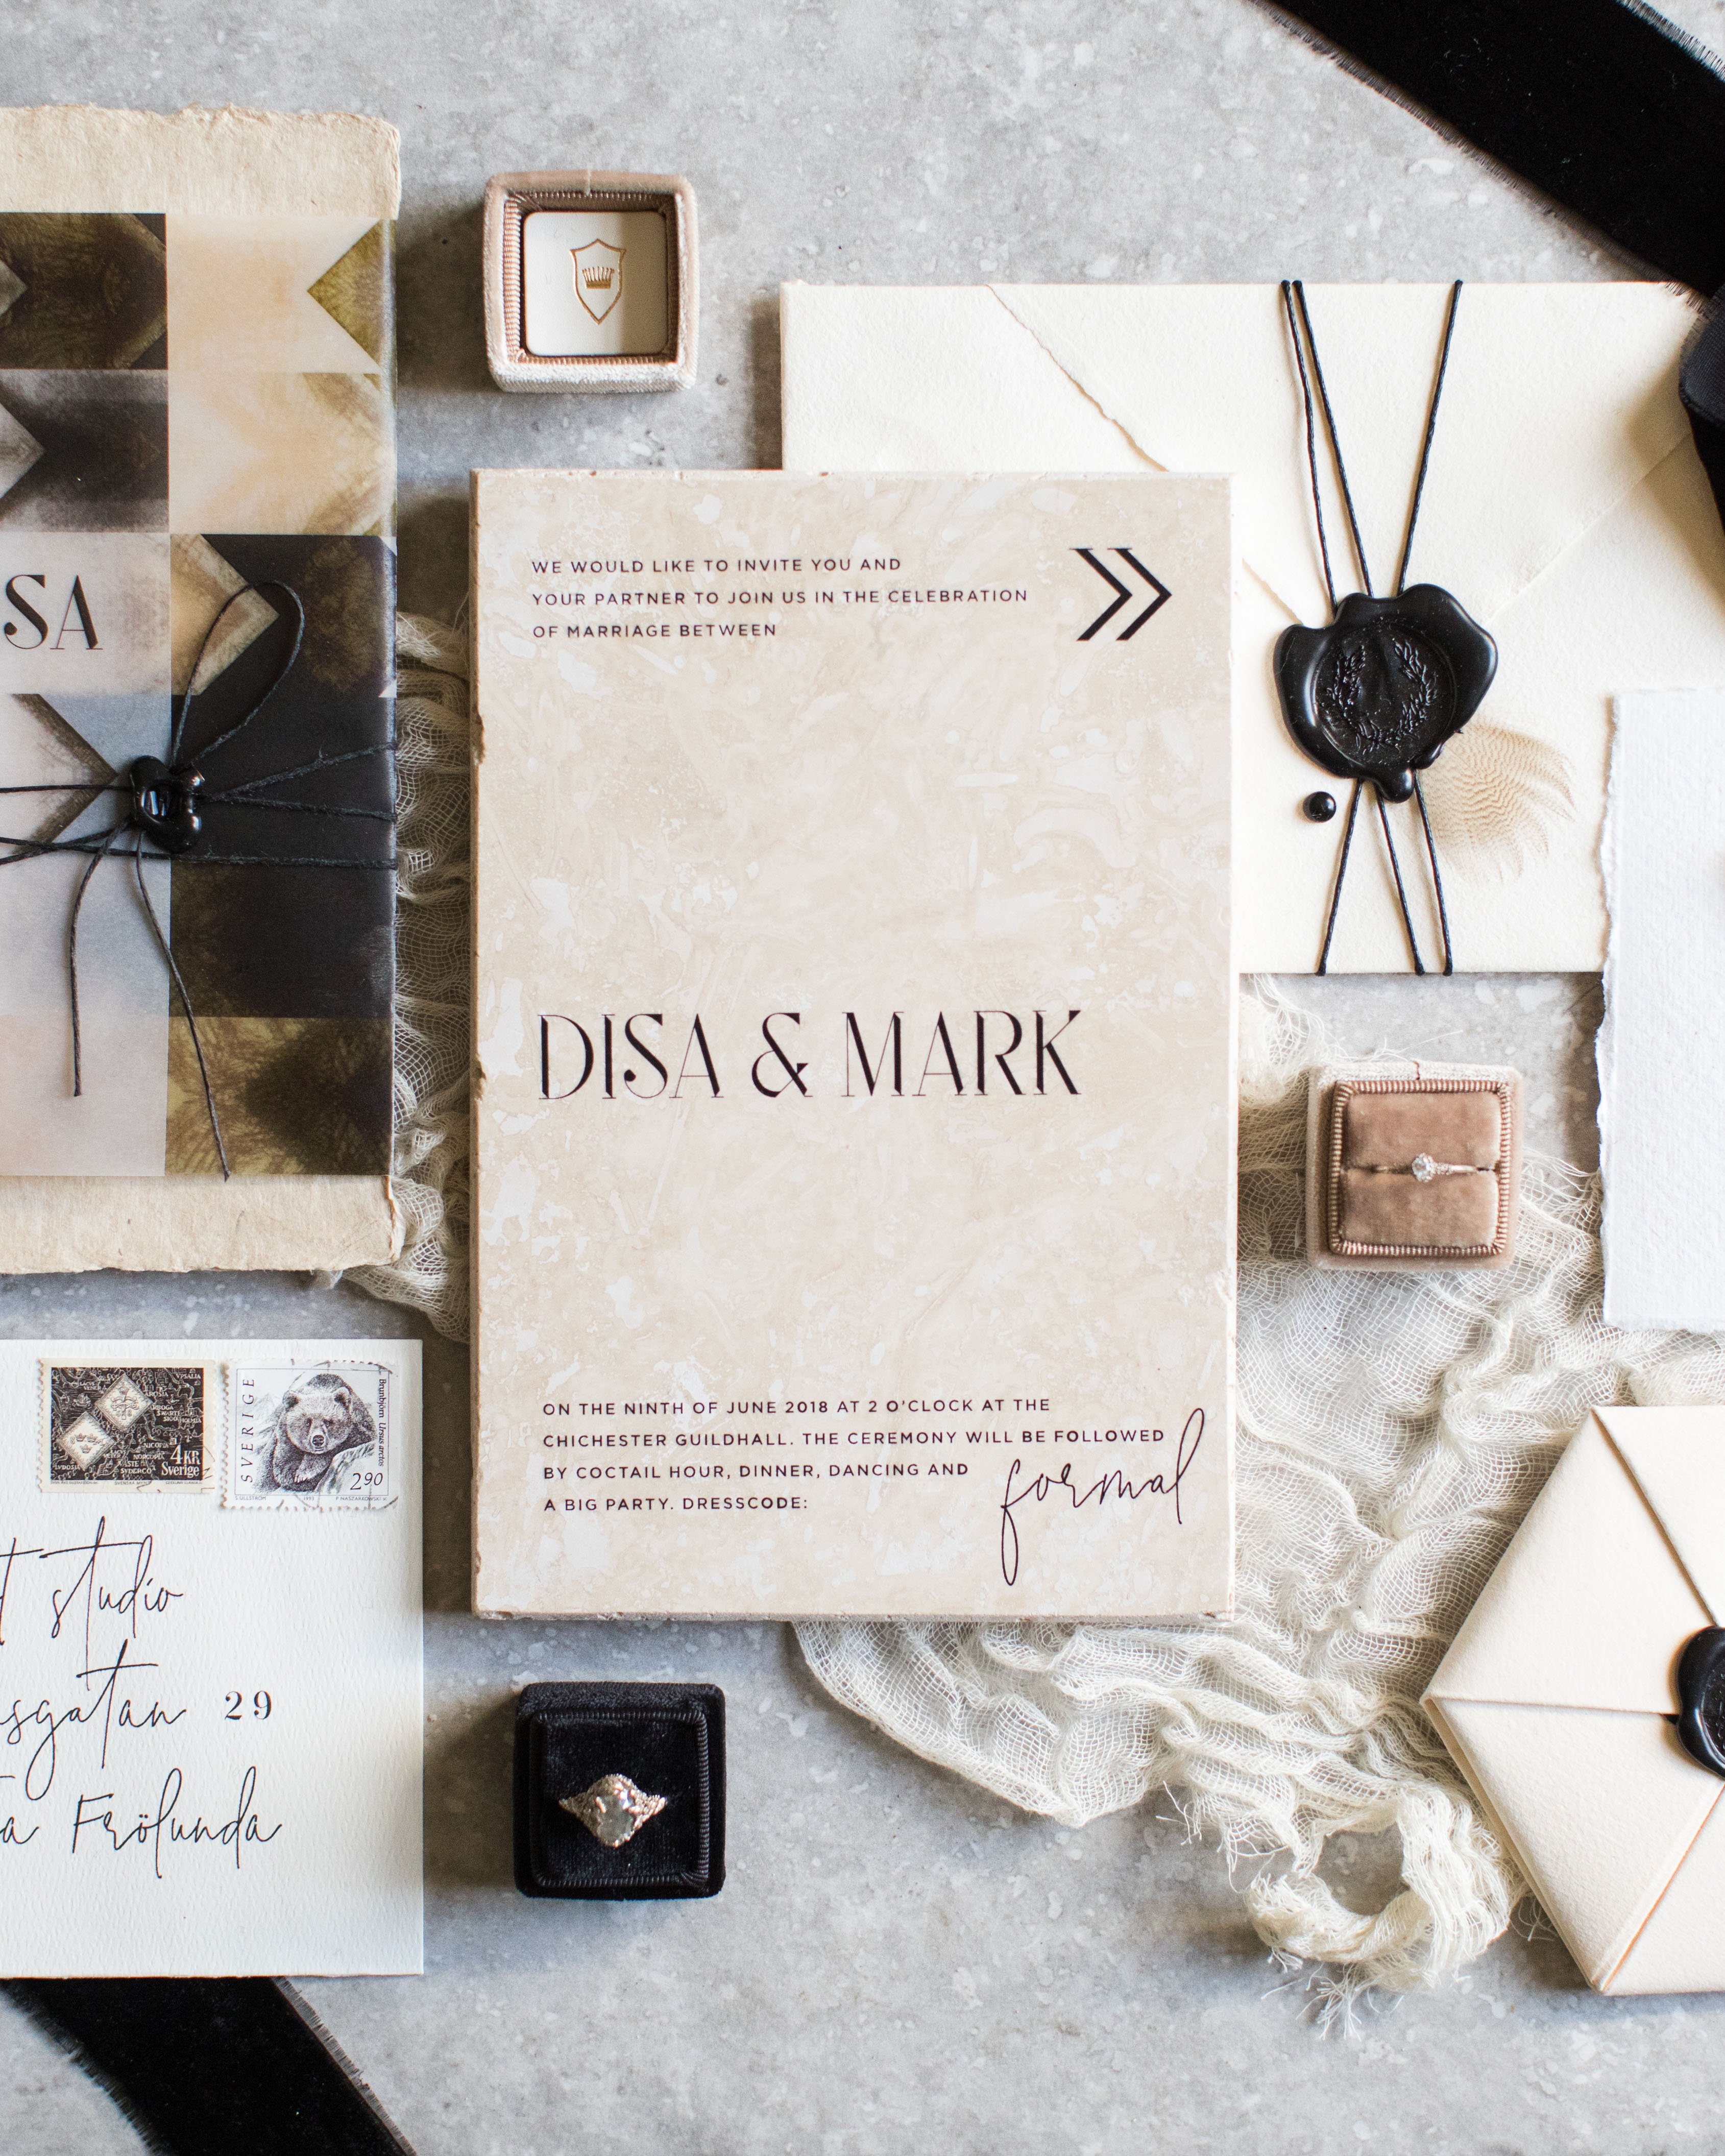 wax seal wedding invitations freeform wax seal